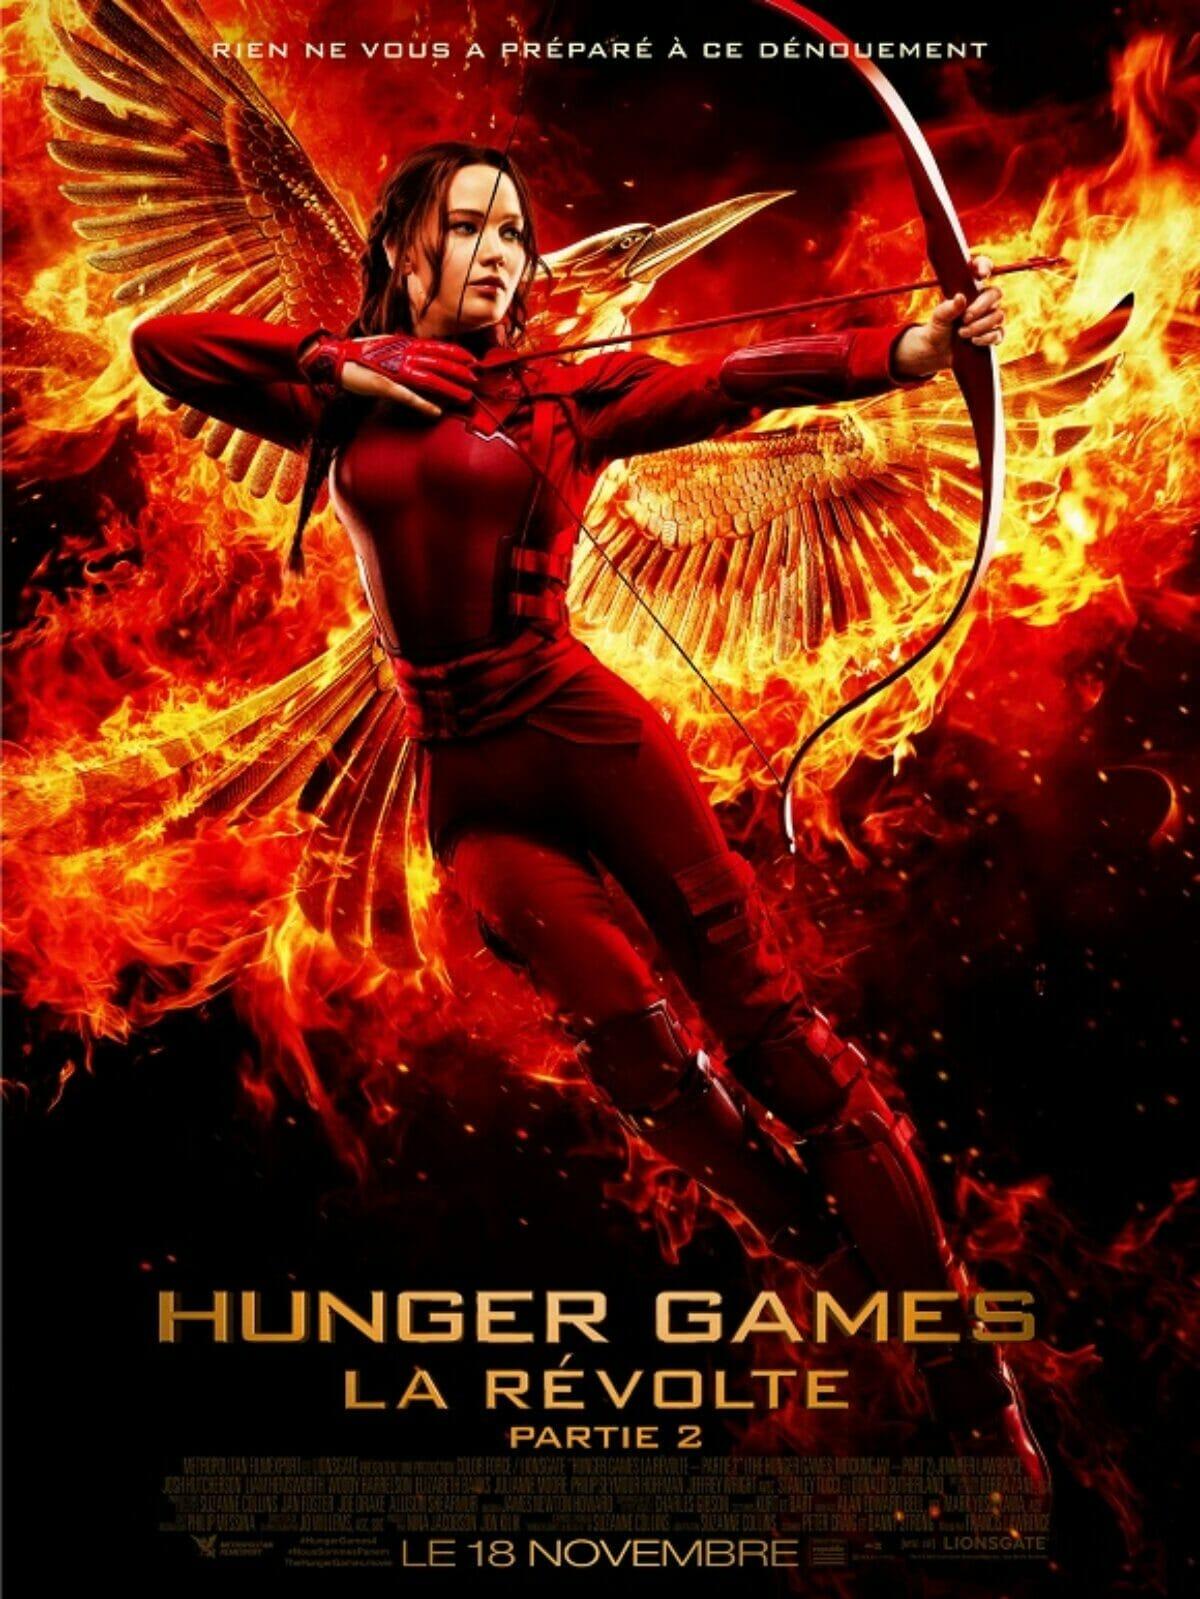 Hunger-Games-La-révolte2-poster